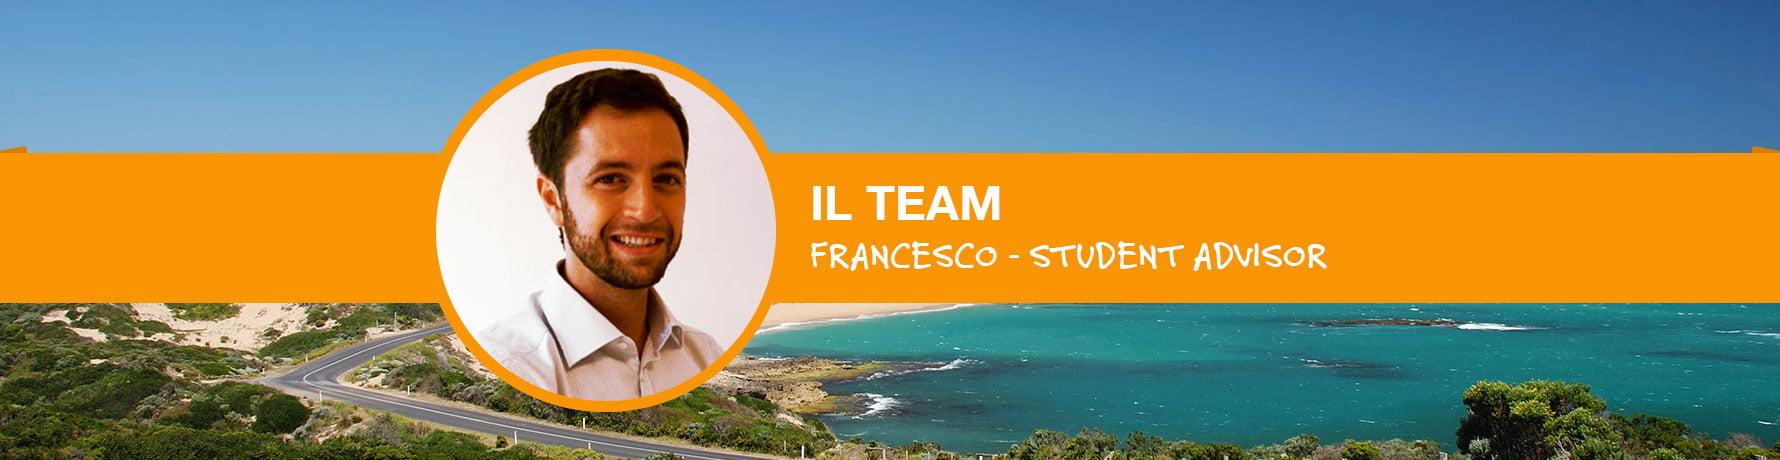 La storia di Francesco Dusi - Student Advisor Go Study Australia - Milano